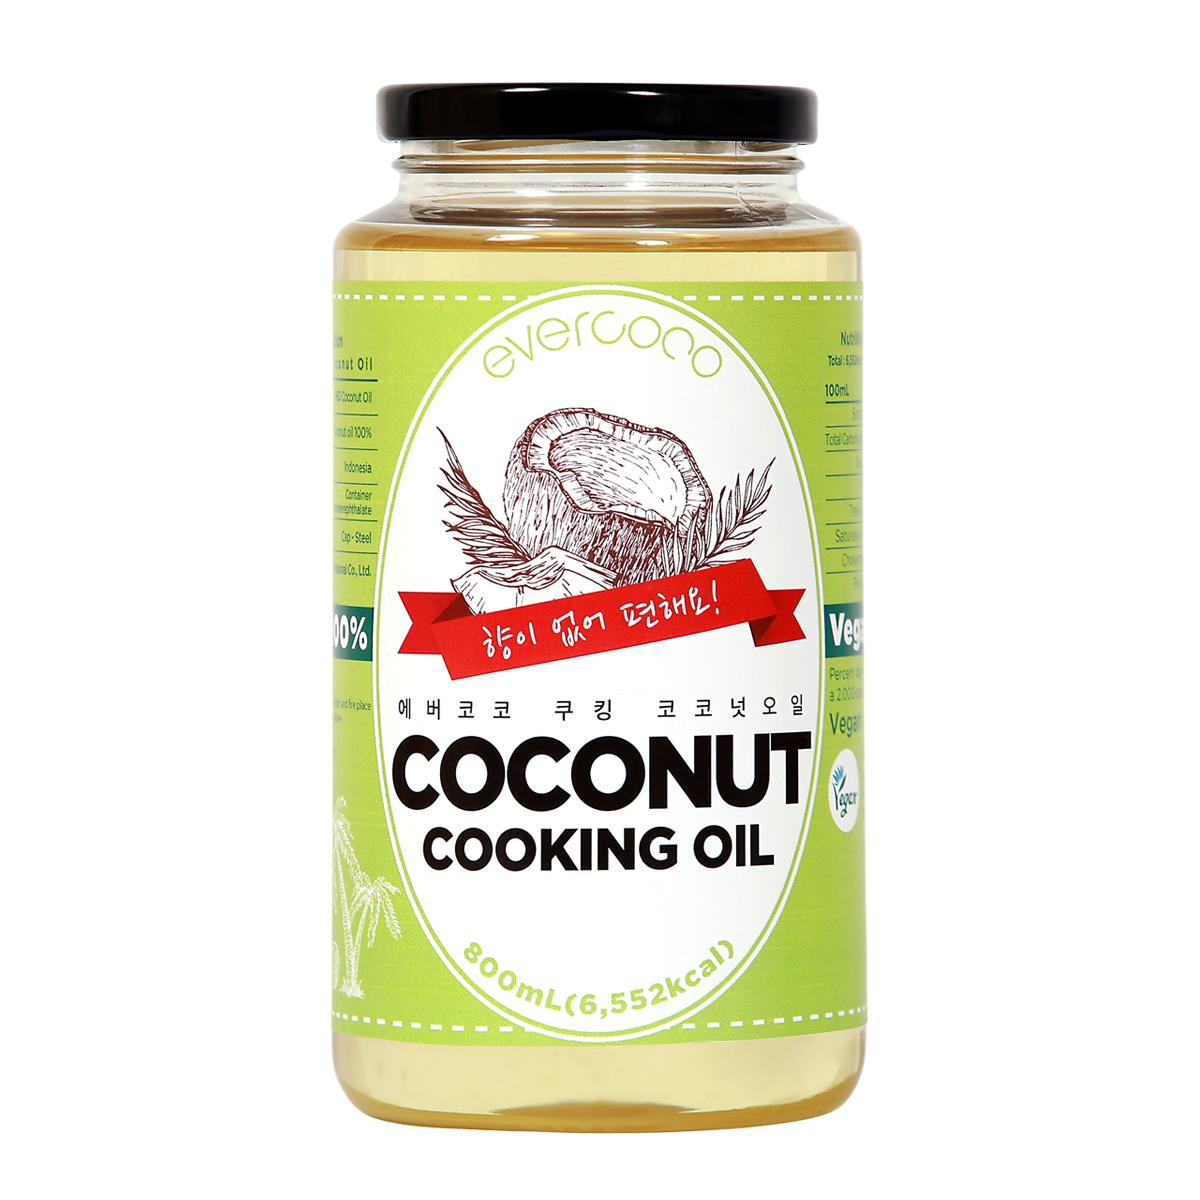 에버코코 쿠킹 코코넛 오일, 800ml, 1개